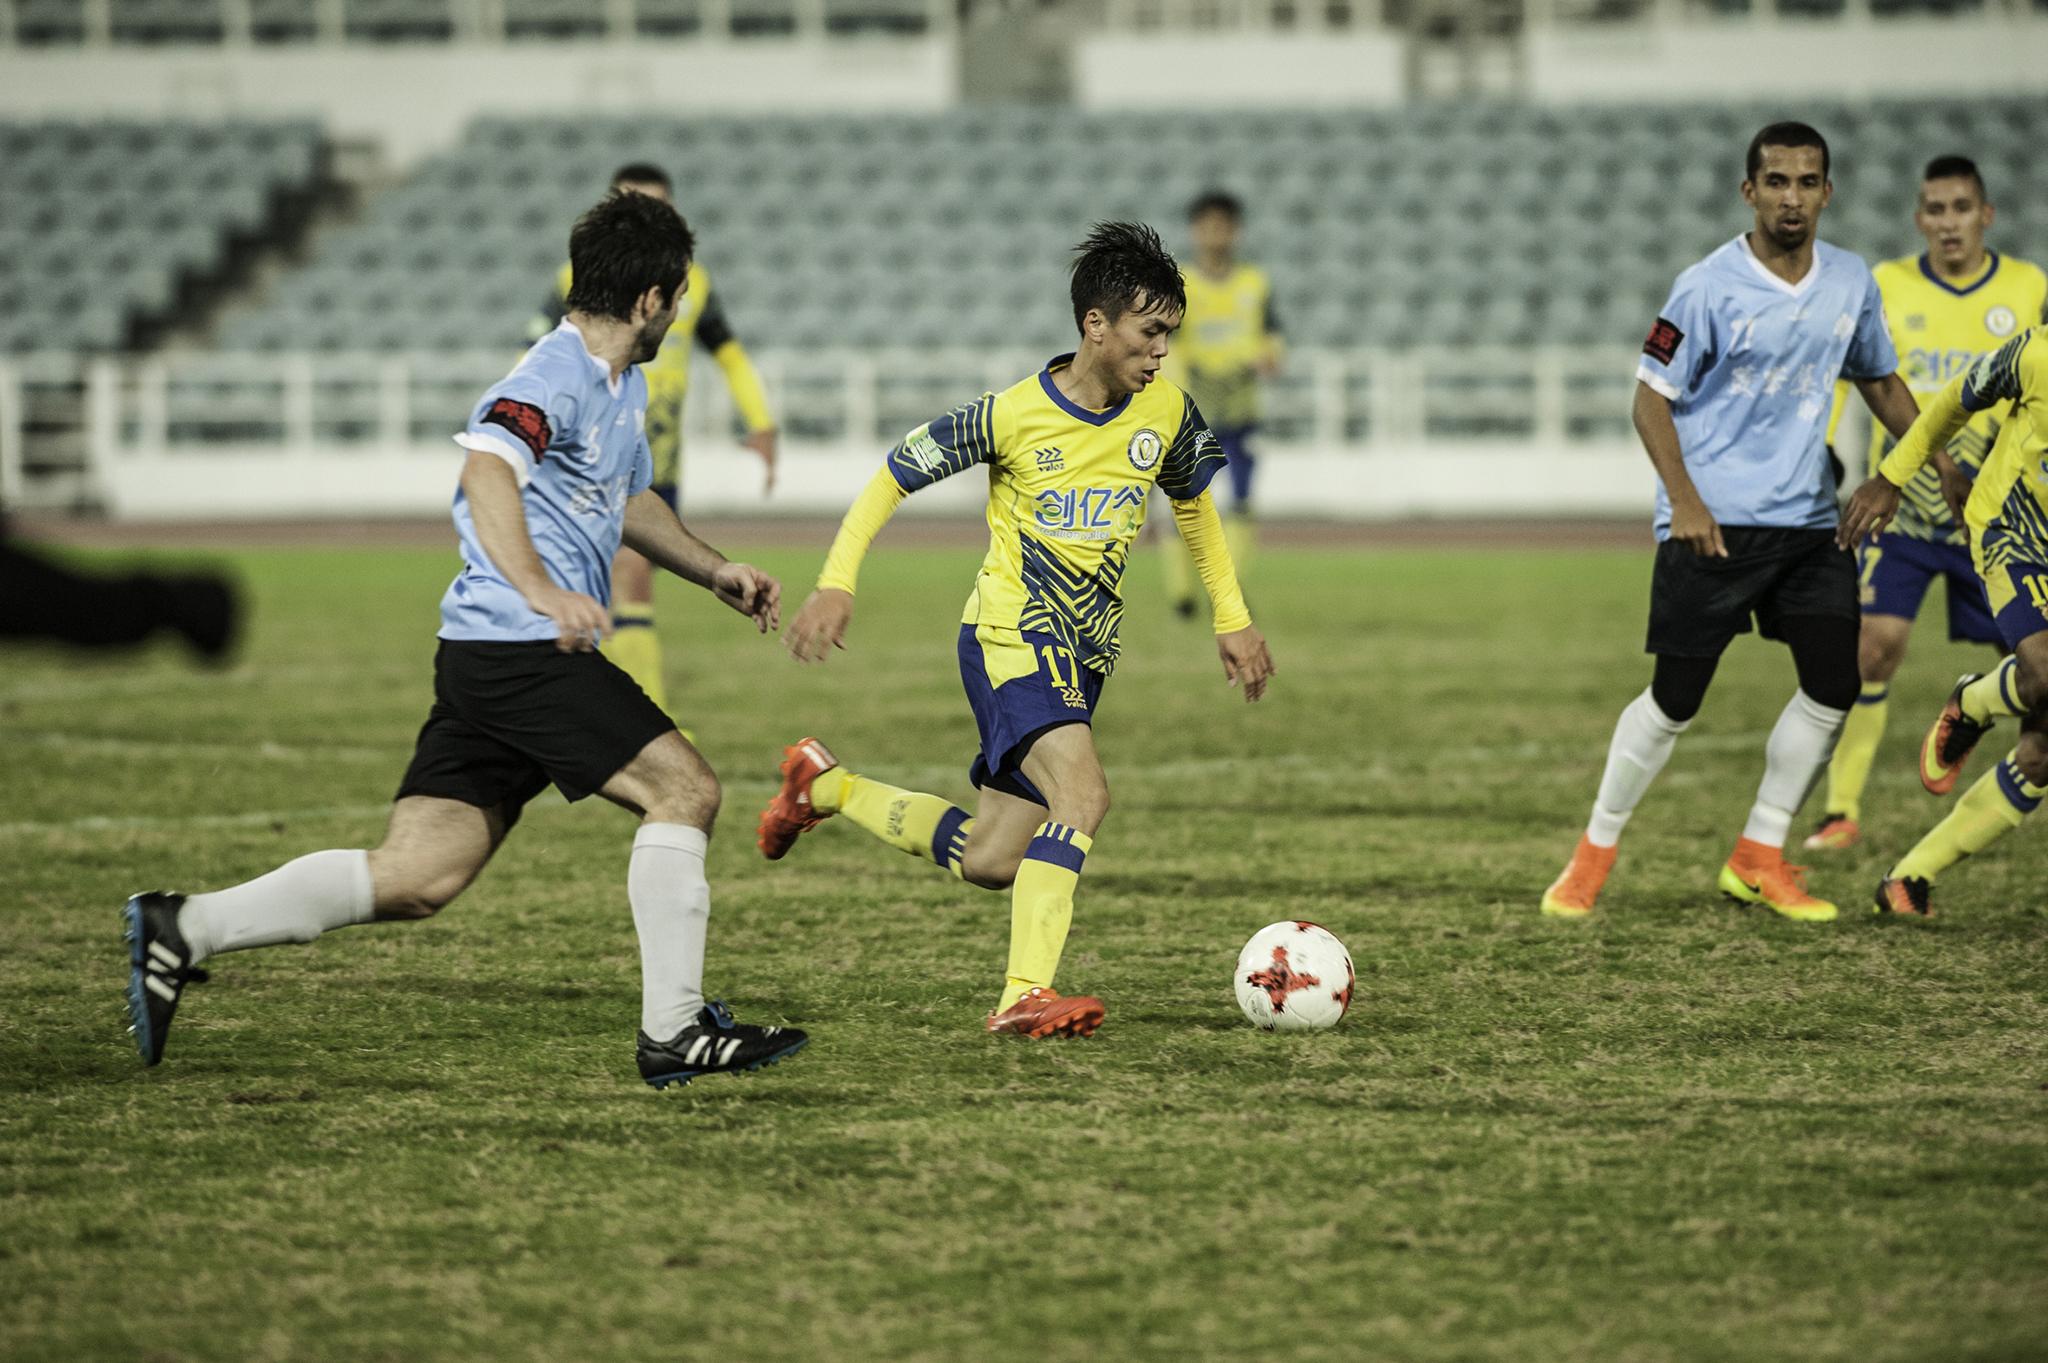 Liga de Elite   Sorteio ditou jogo grande logo à primeira jornada